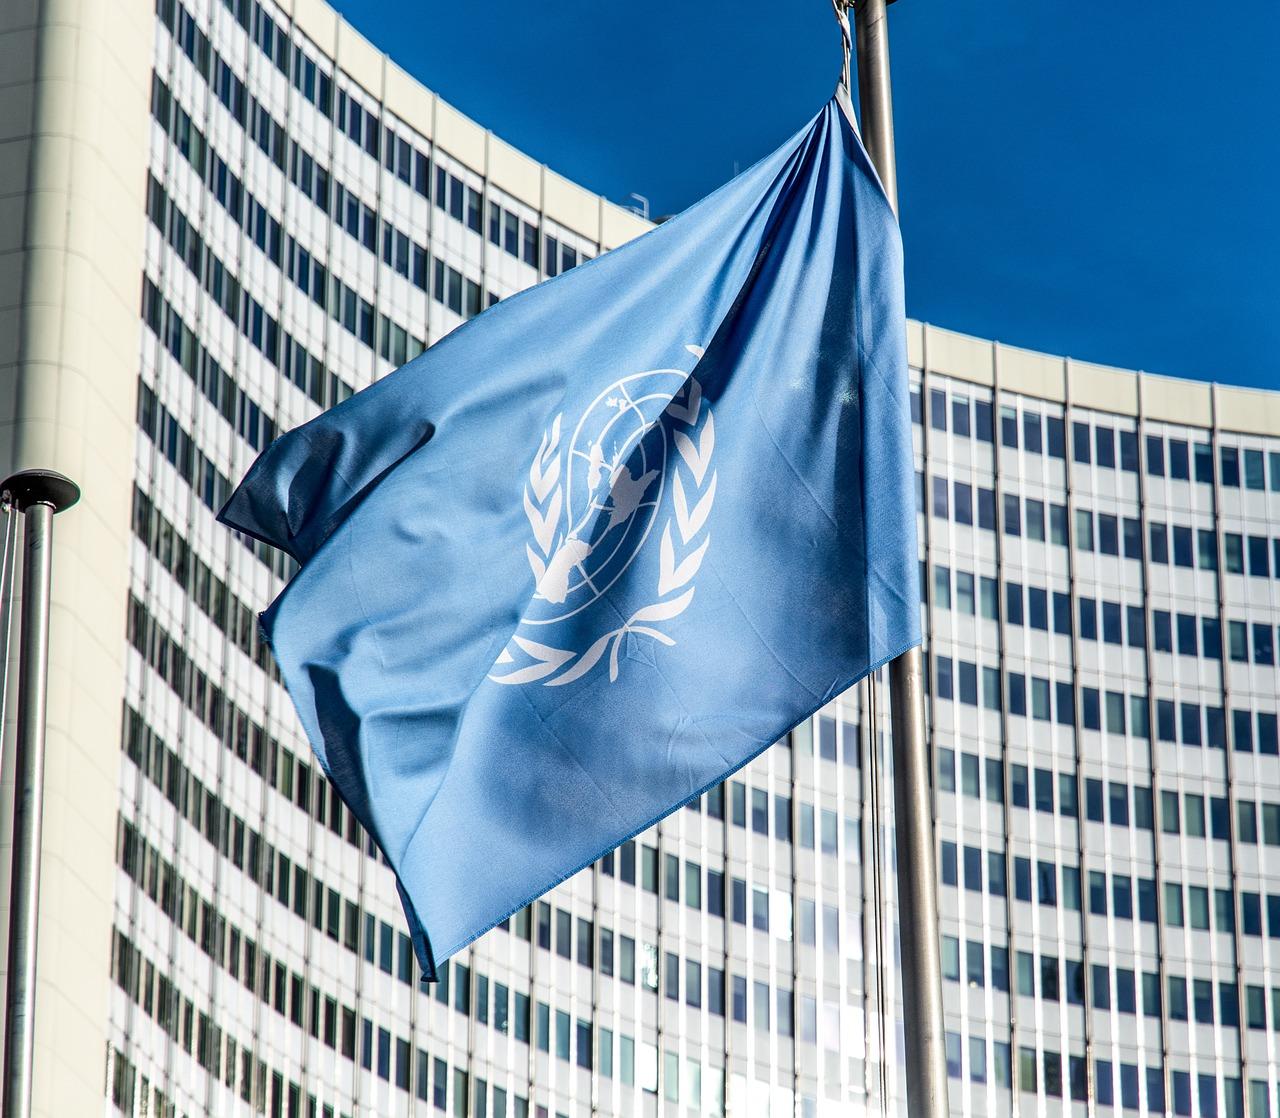 Спецдоповідач ООН закликав Порошенка переглянути законопроект №9055 про адвокатуру через невідповідність міжнародним стандартам